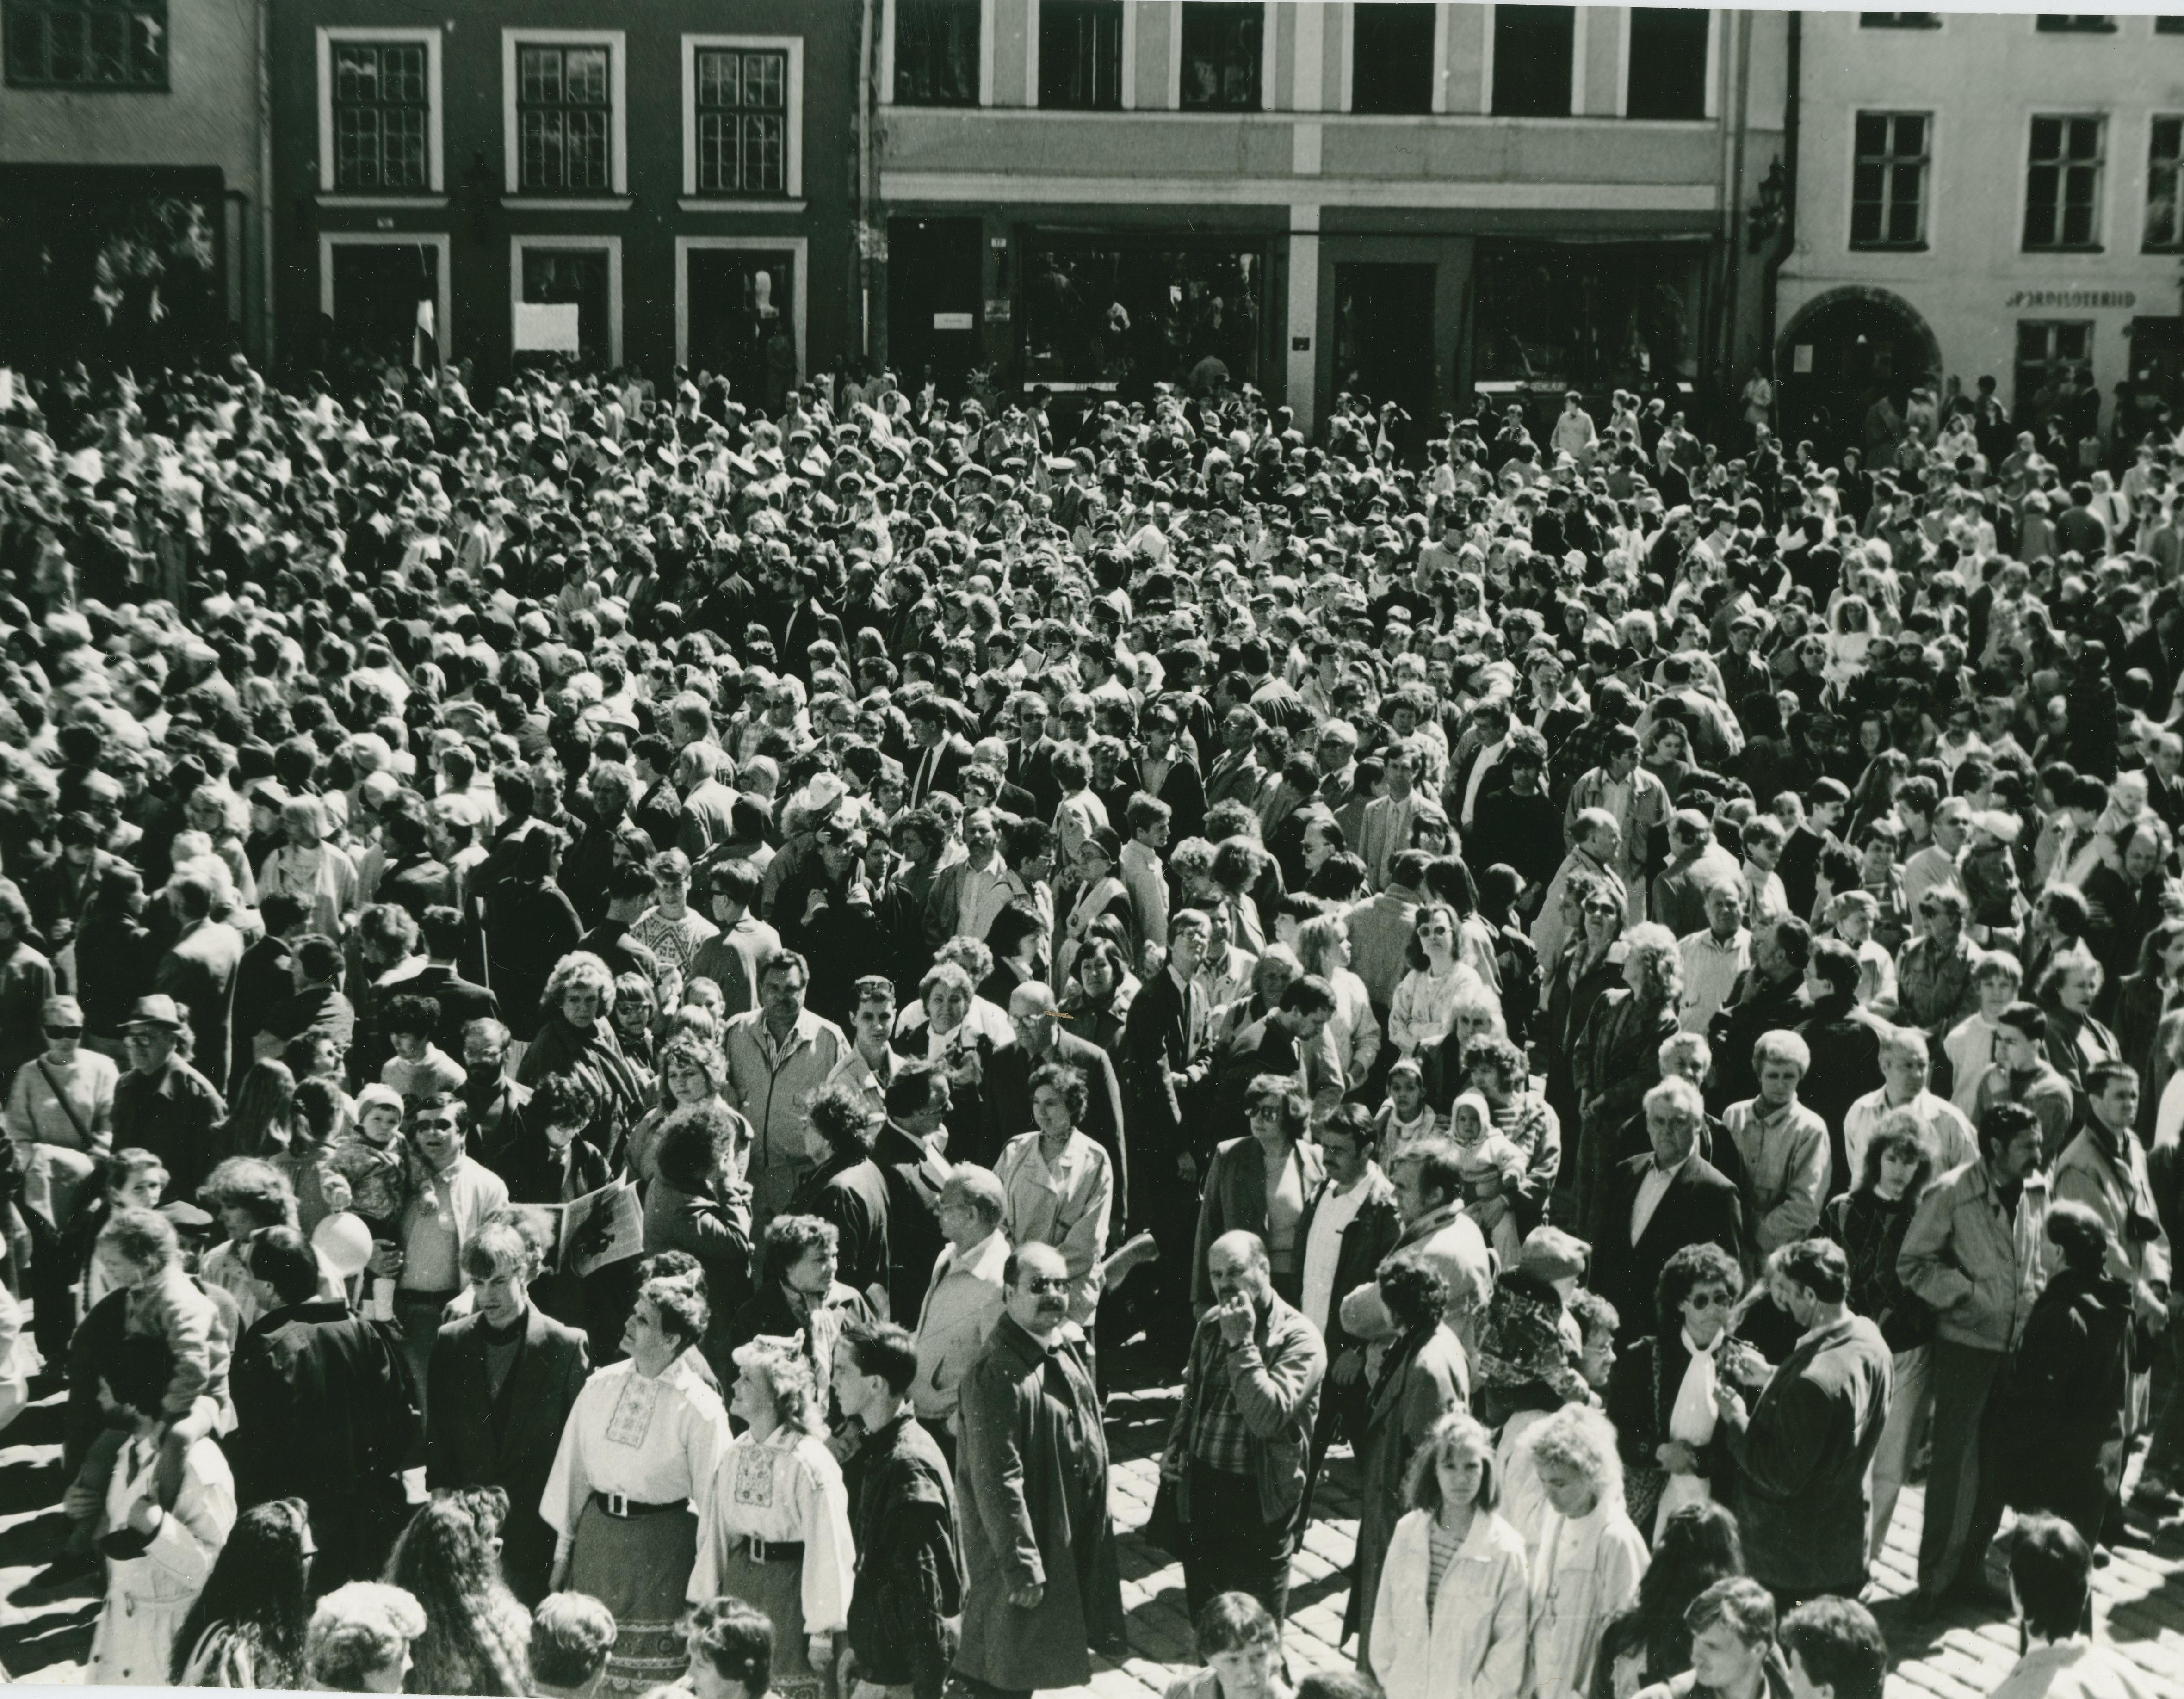 Foto Vanalinna päevadest aastatest 1984 - 1990. Rahvarohke üritus Raekoja platsil. Fotograaf: Georgi Tsvetkov.. rf0002_002_0004293_00000_00002_fk